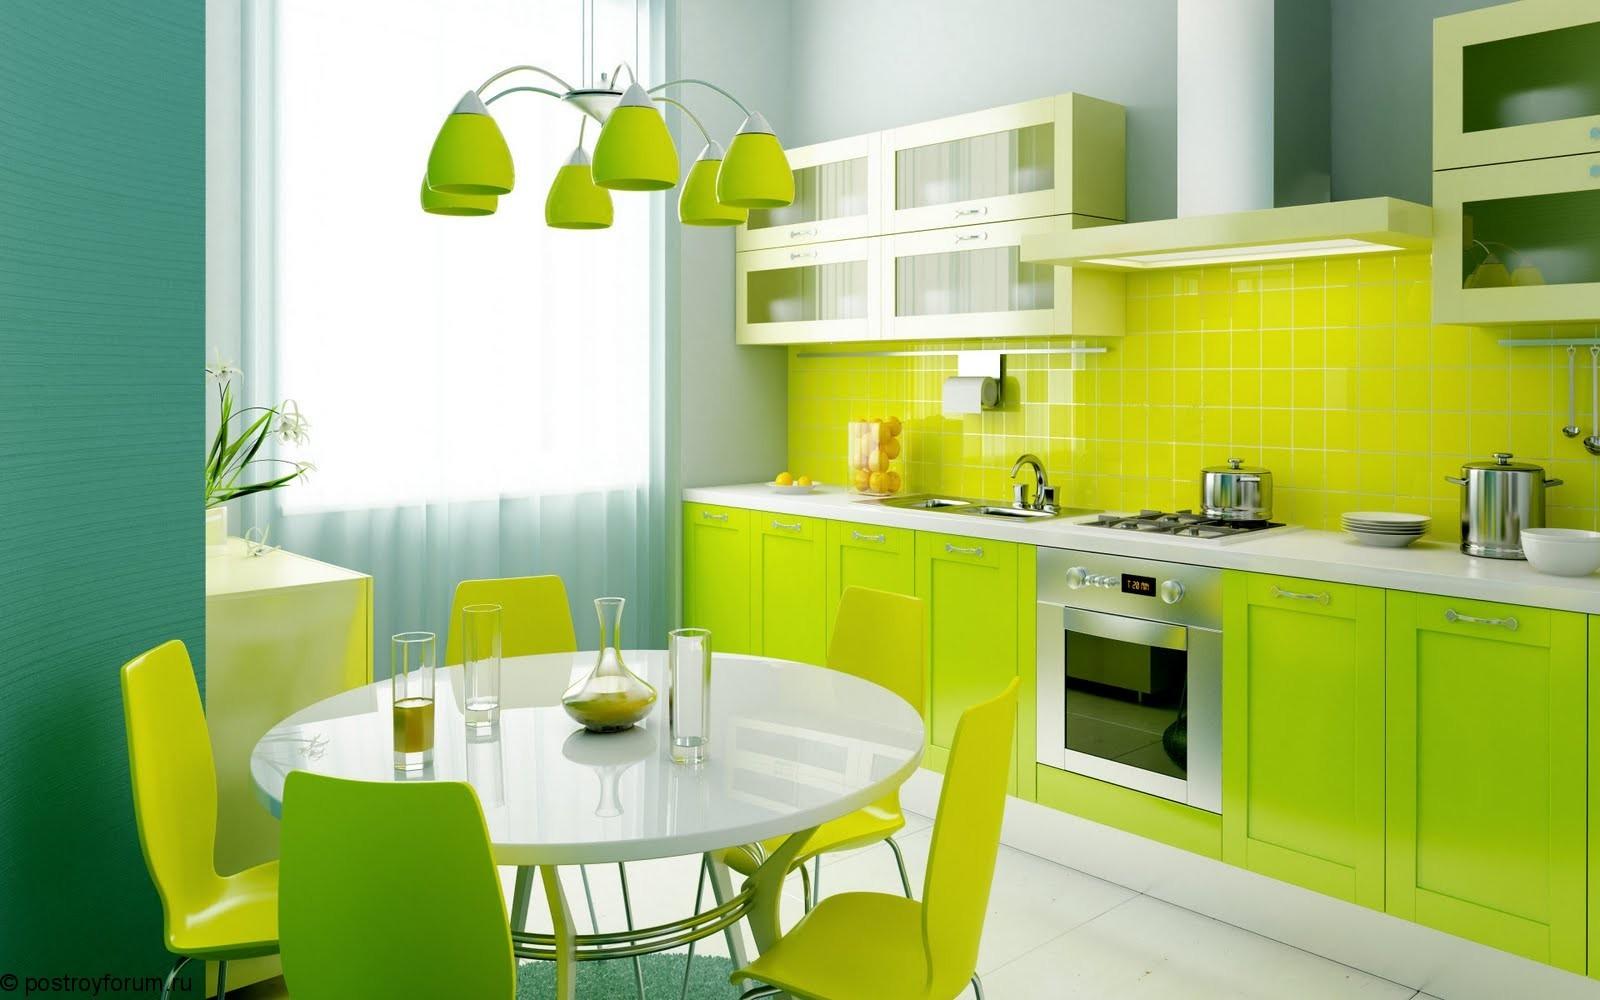 При однорядной планировке кухонная мебель и оборудование располагается линейно вдоль одной из стен кухни.